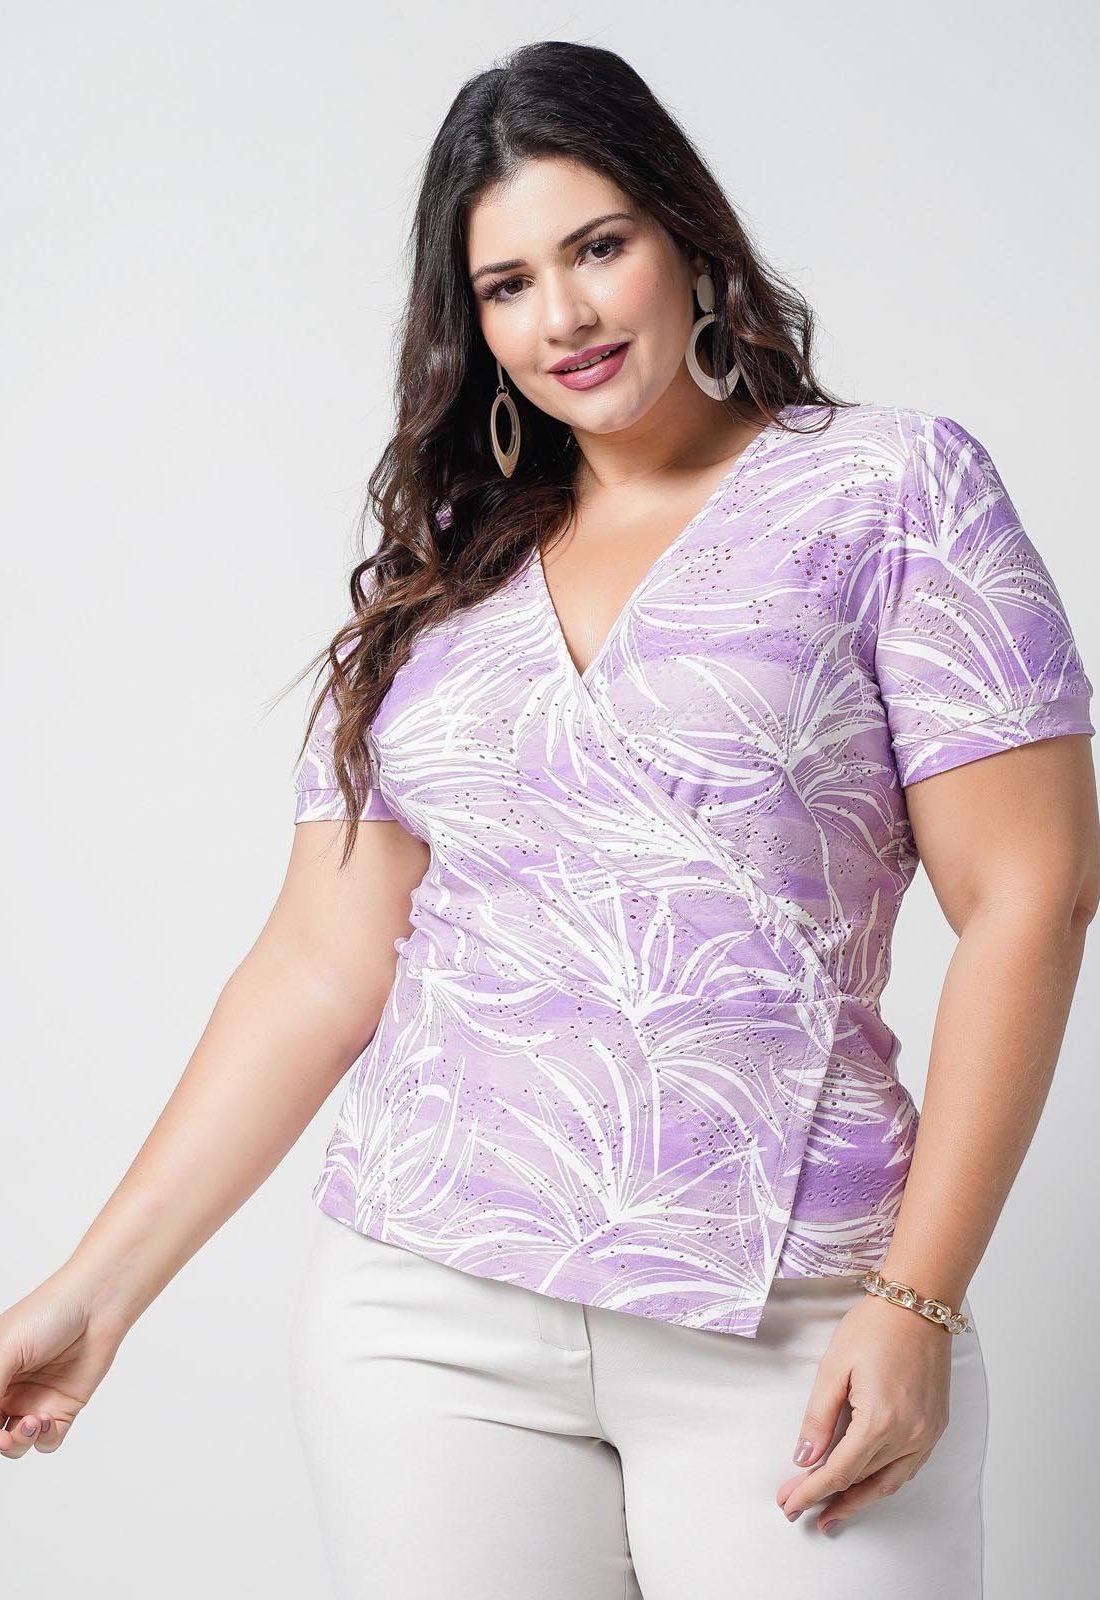 Blusa laise de malha lilás plus size  Ref. U66221